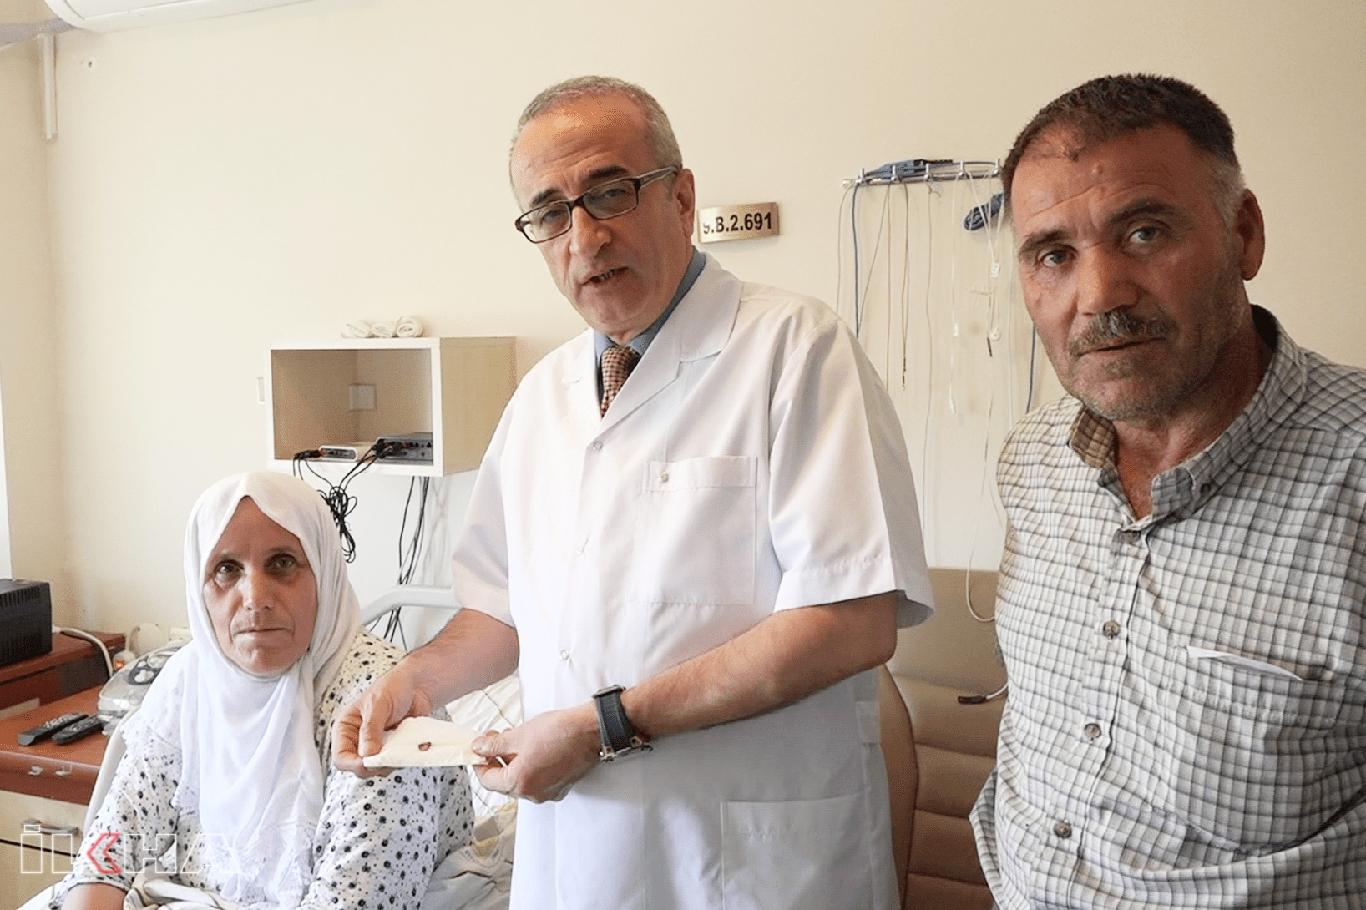 Akciğerinde kemik bulunan hasta 3 yıldan sonra sağlığına kavuştu.